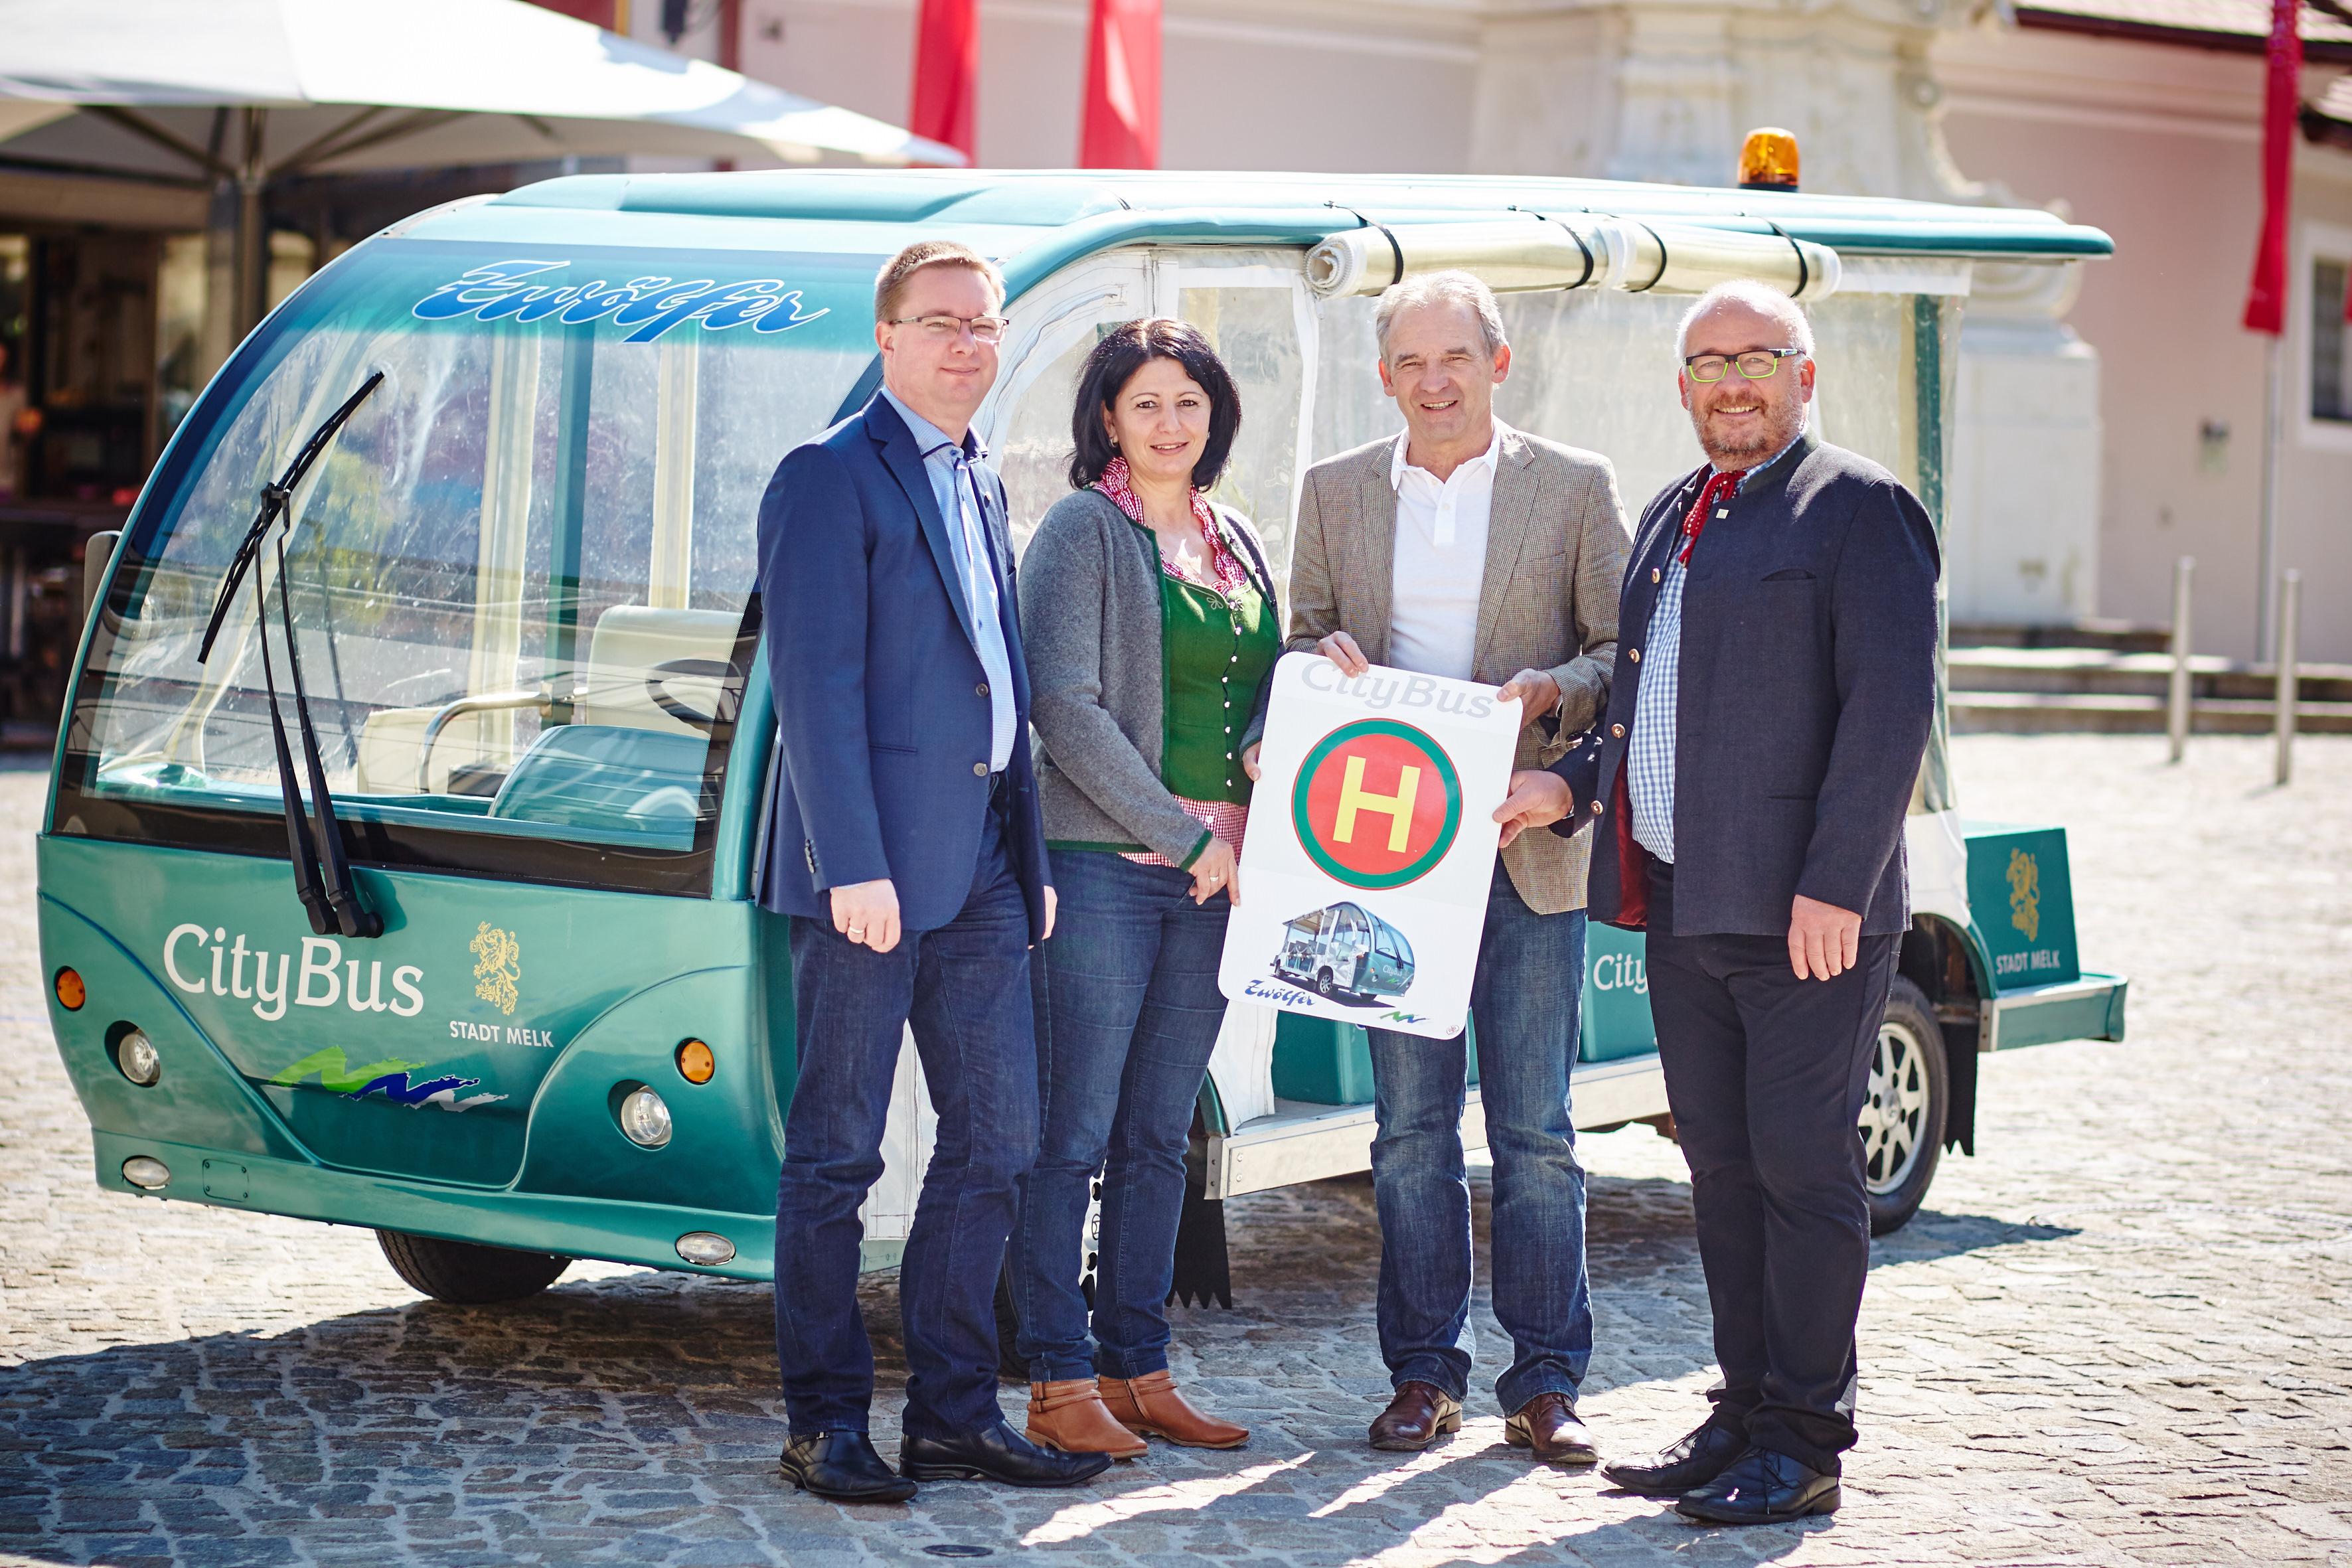 Vor dem neuen Citybus in Melk: Die Betreiber Michael und Petra Ringsmuth mit Vizebürgermeister Wolfgang Kaufmann und Gemeinderat Gerhard Schuberth. Foto: Stadt Melk/Gleiß